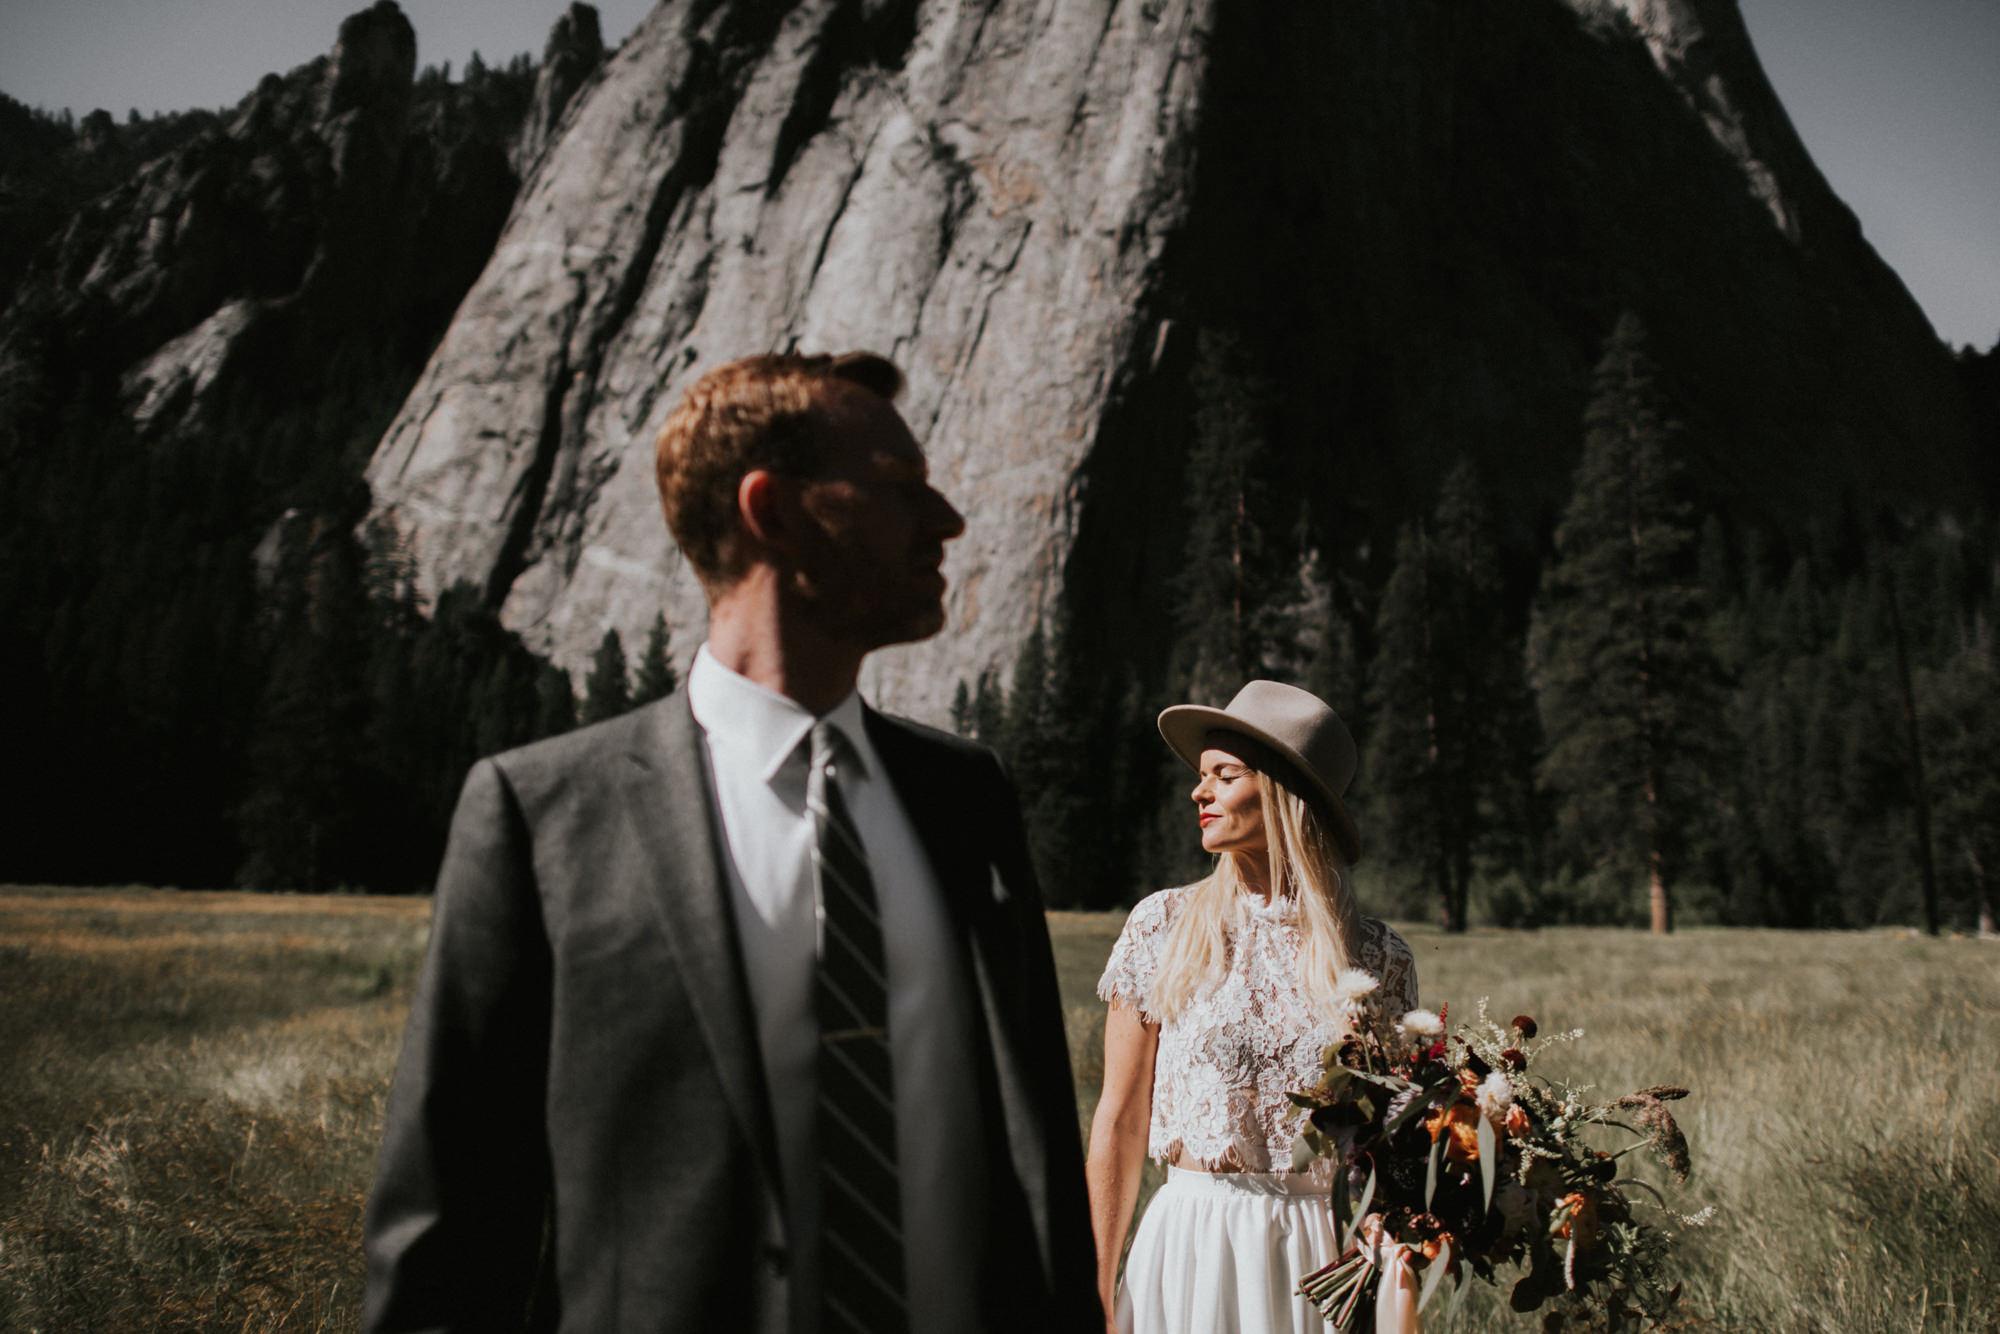 Couple in mountain field - Nick + Danee